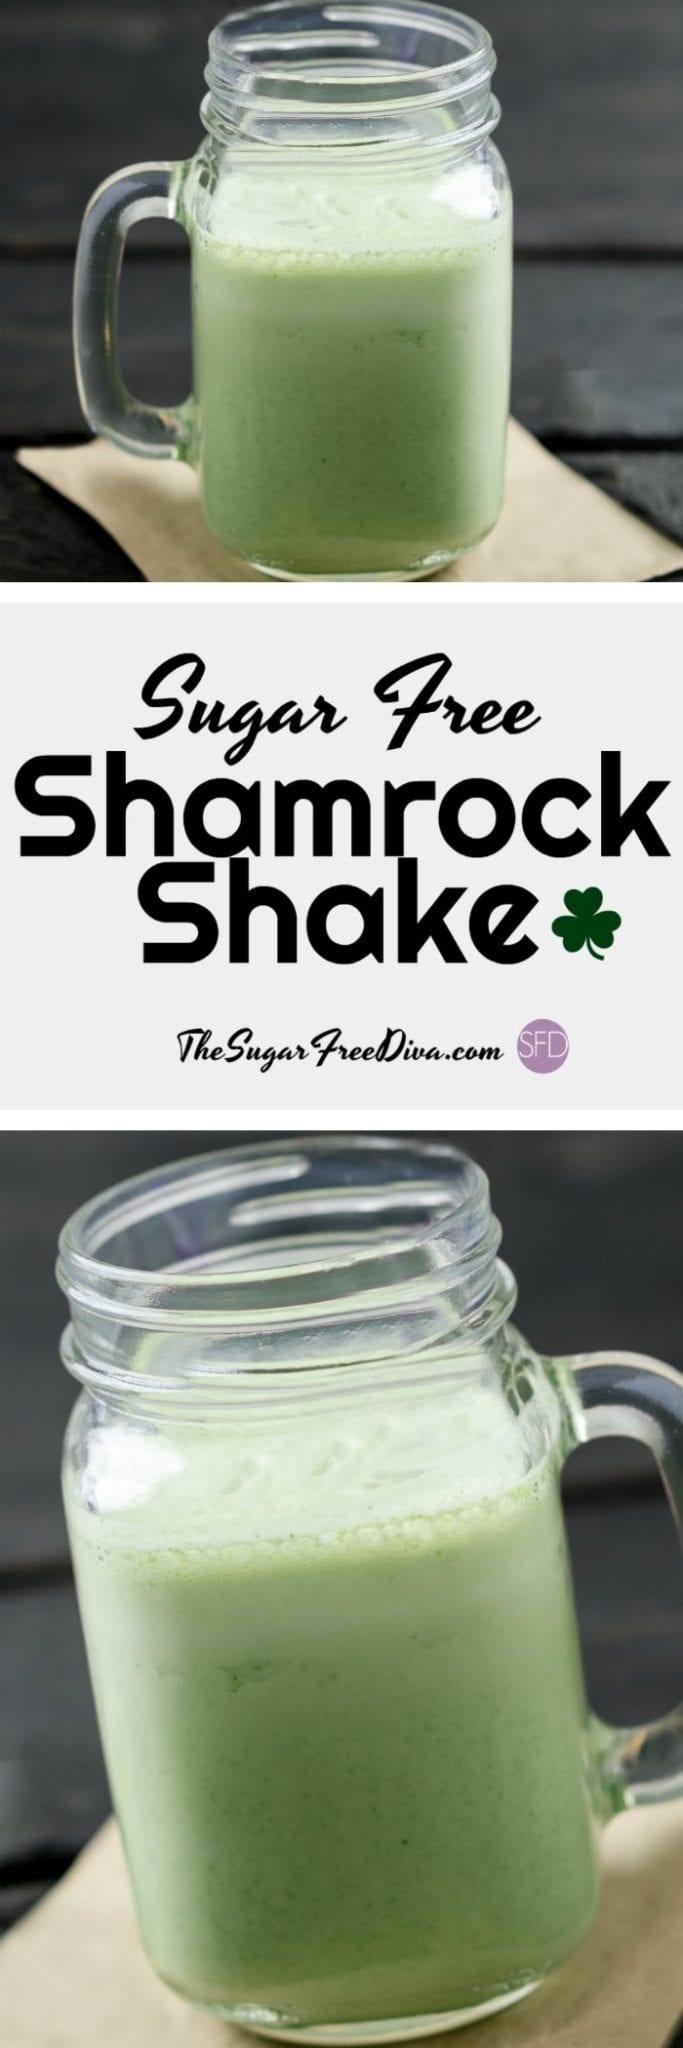 Sugar Free Shamrock Shake